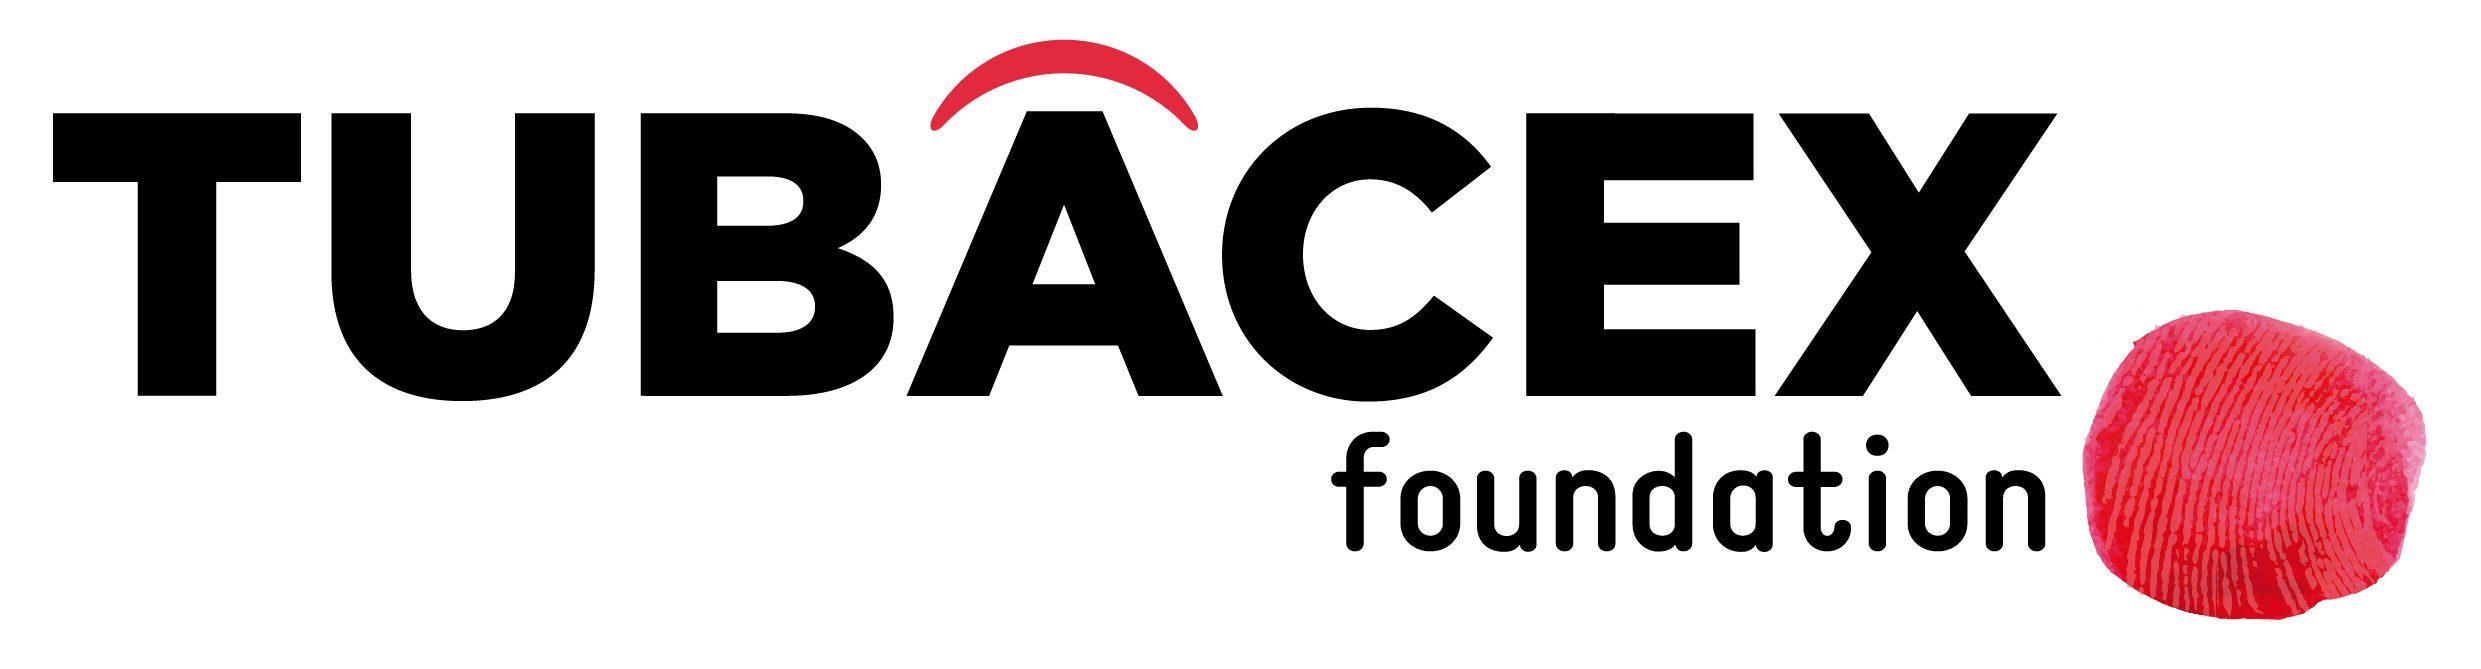 Tubacex Fundación